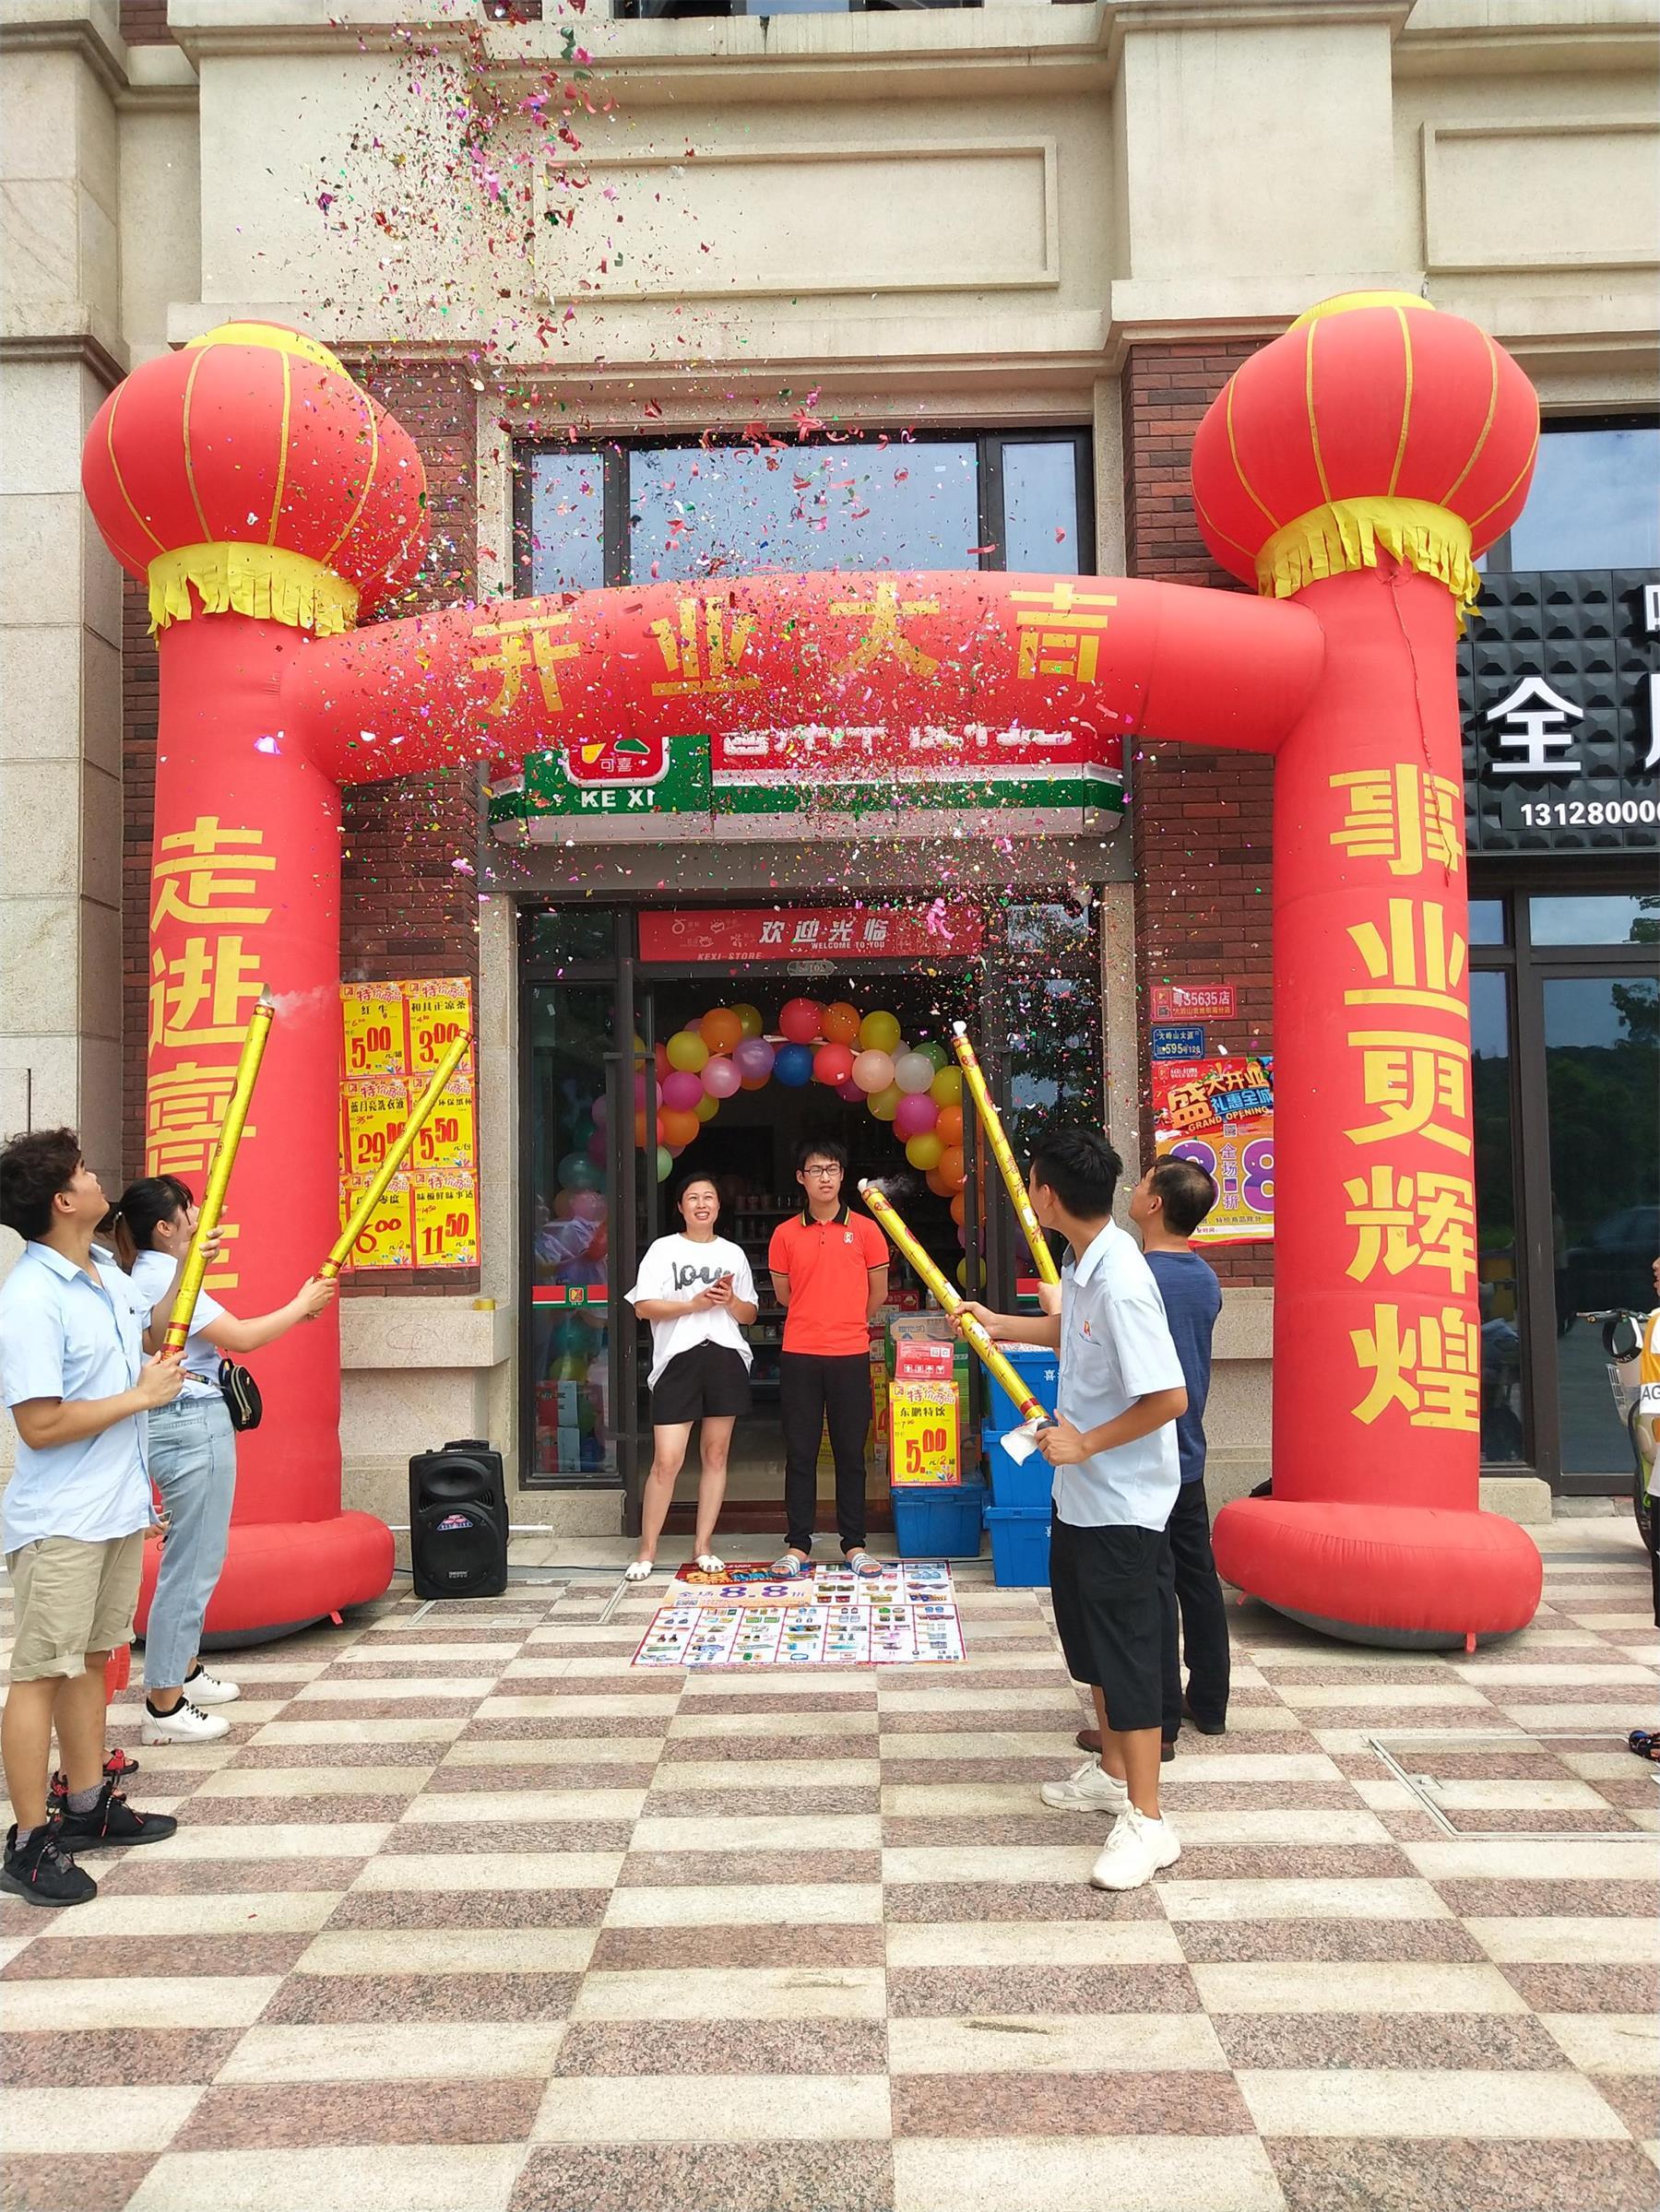 喜洋洋便利店全体同仁热烈庆祝金地前海分店8月18日火爆开业